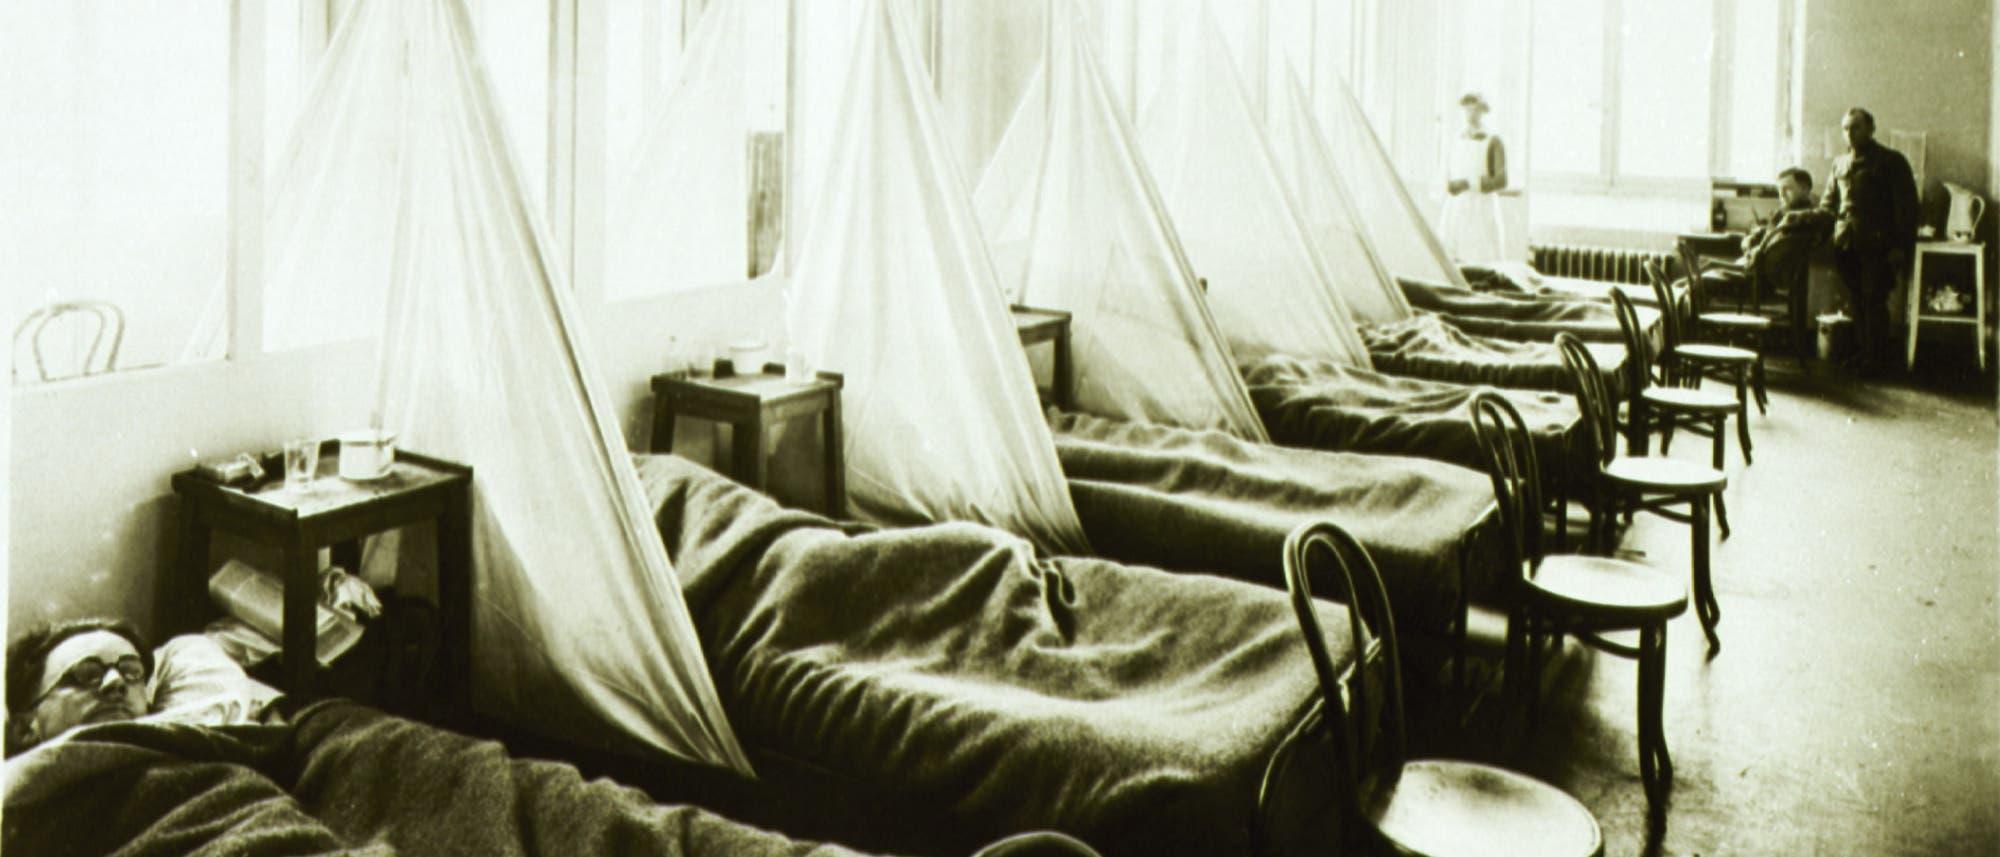 Grippestation im Feldkrankenhaus Aix-les-Bains der US Army in Frankreich während des 1. Weltkrieges